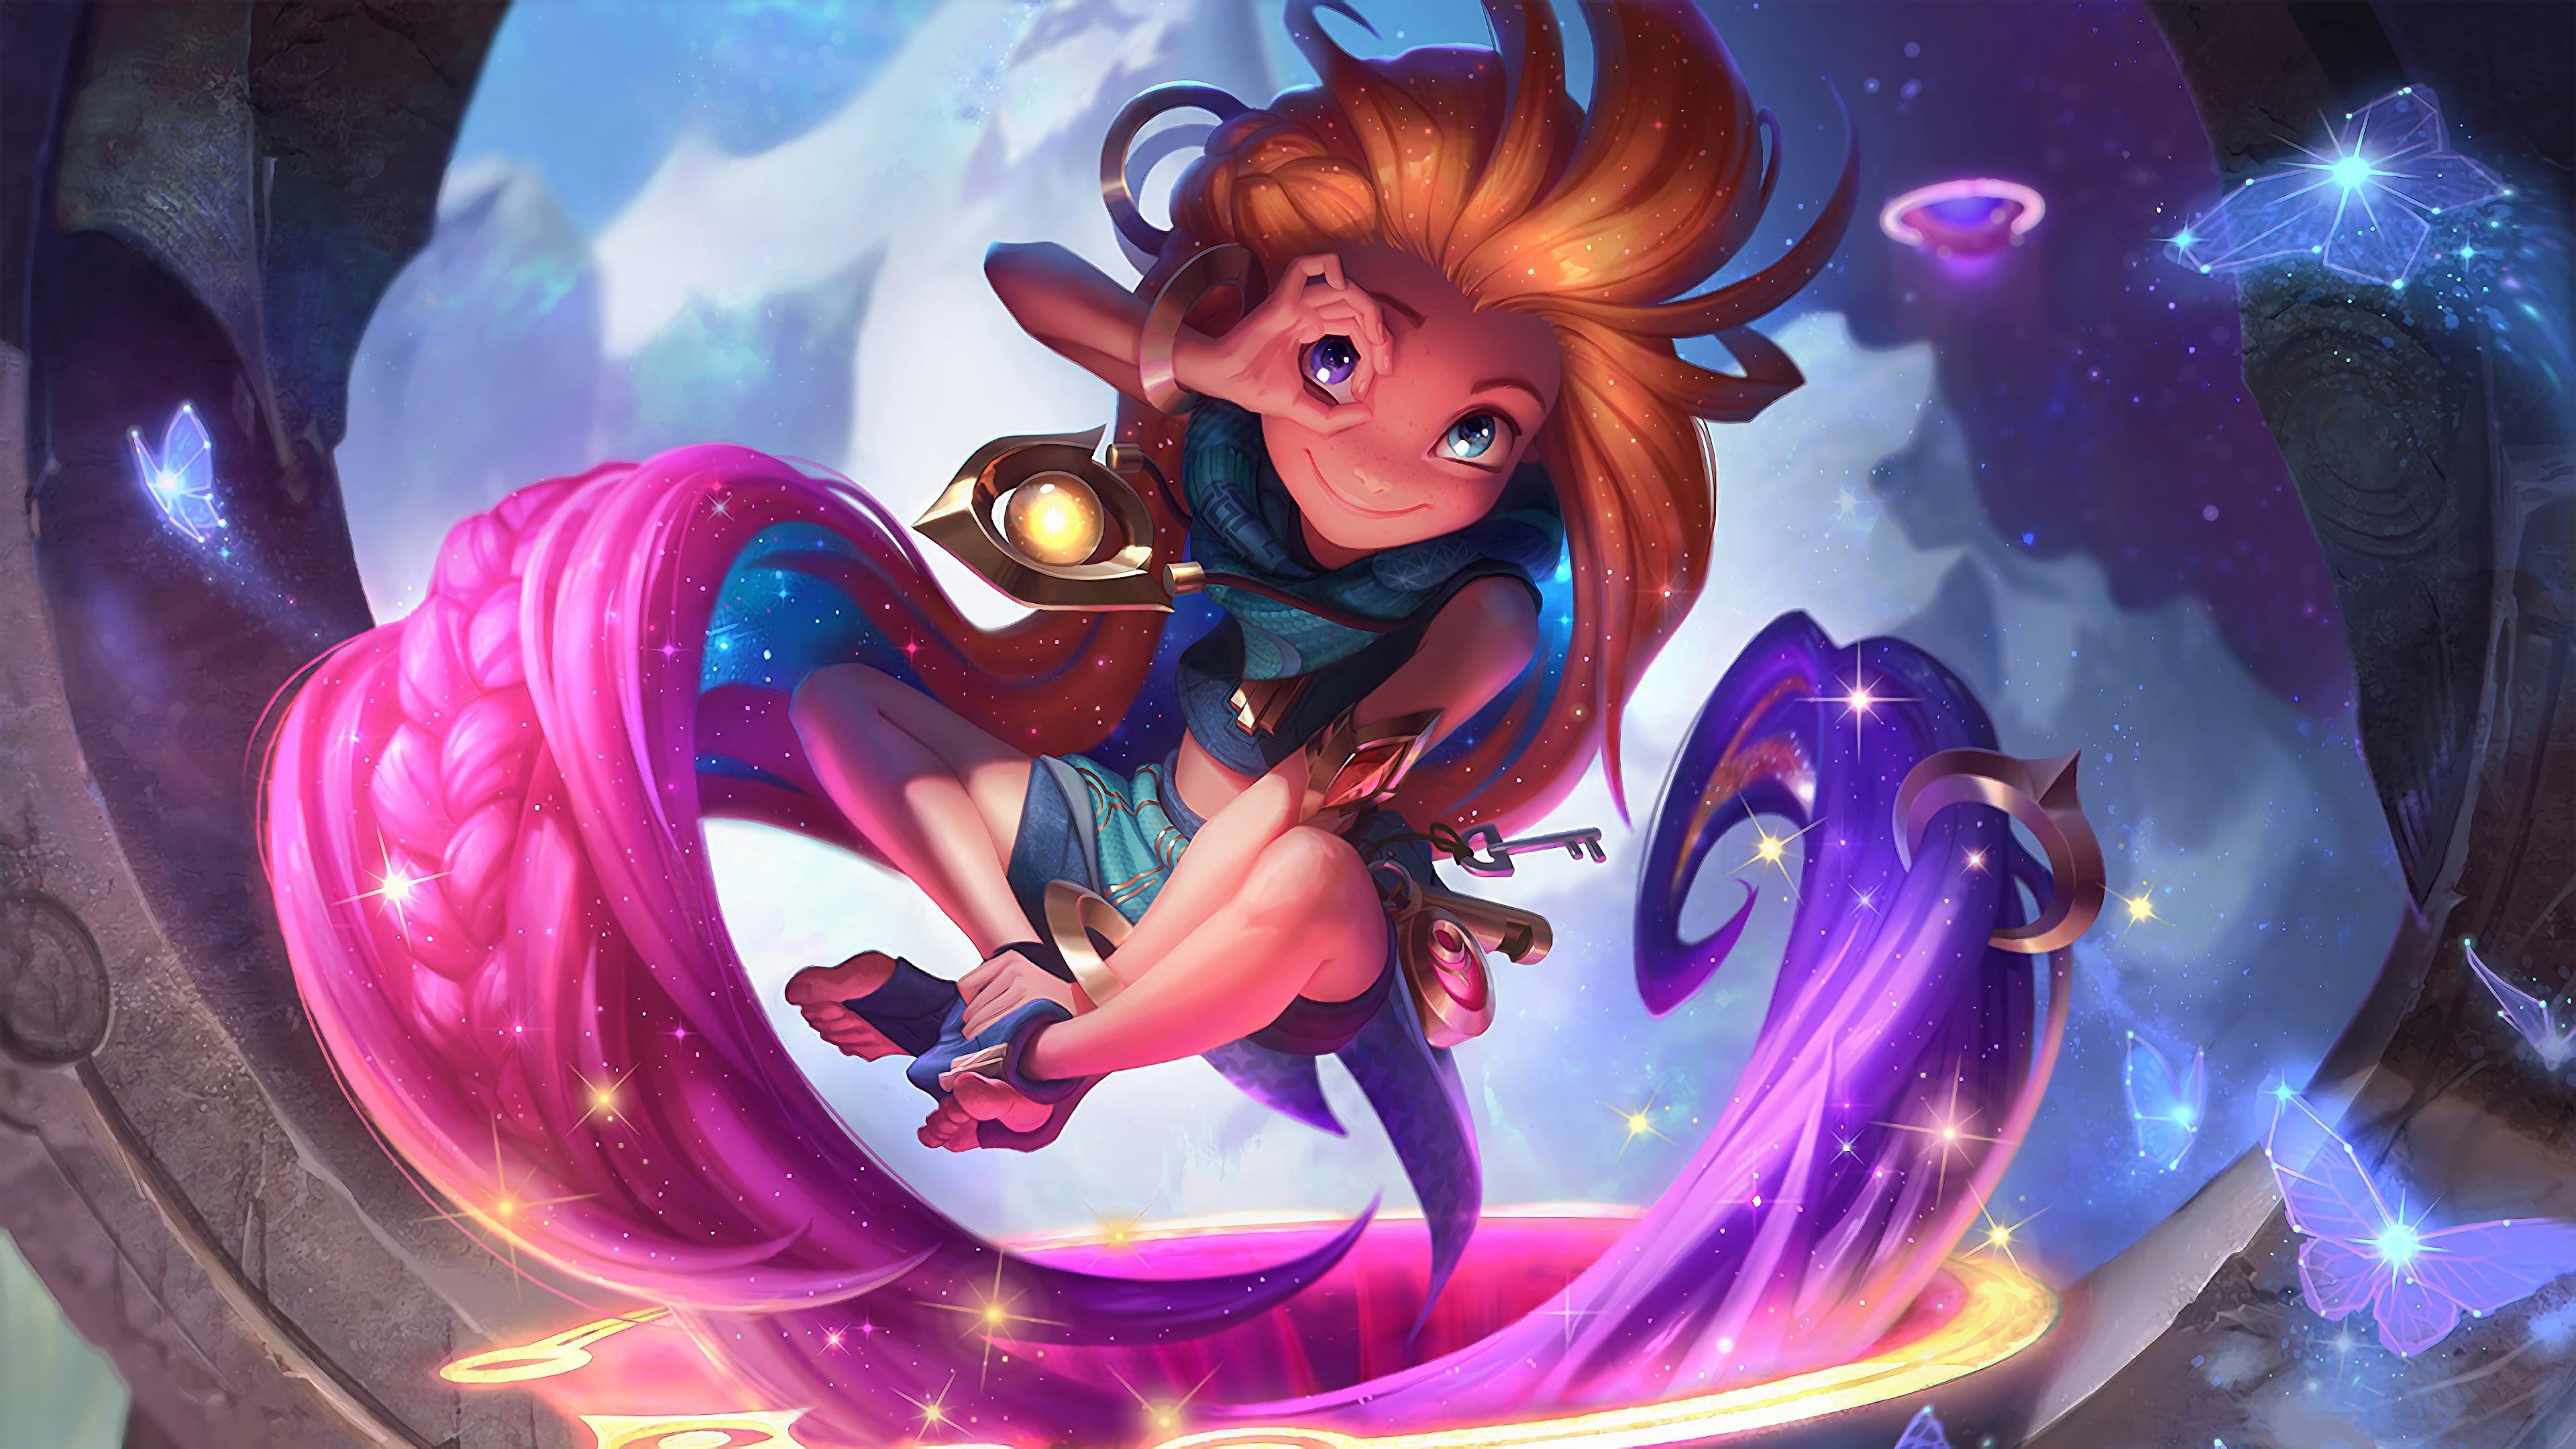 zoe lol splash art league of legends lol 1574102444 - Zoe LoL Splash Art League of Legends lol - Zoe, league of legends